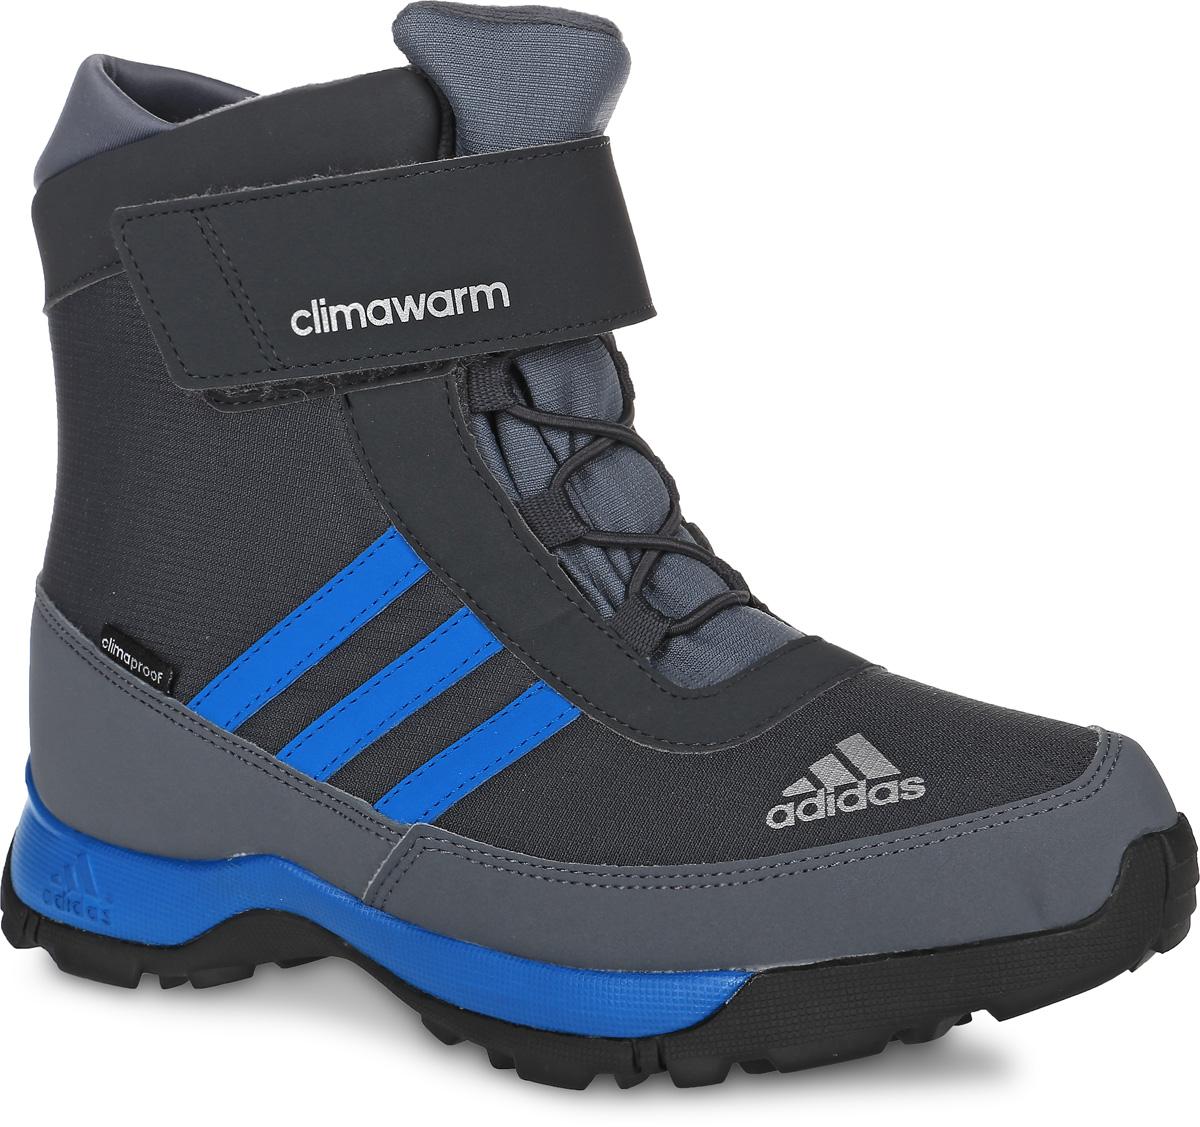 AQ4129Детские ботинки Cw Adisnow Cf Cp от adidas отлично подойдут для активного отдыха. Модель включает в себя такие преимущества как светоотражающий логотип для улучшения видимости и безопасности на открытом воздухе, систему для регулировки и оптимальной посадки, отталкивает влагу, пропускает воздух, мало весит, на 90% состоит из переработанного износостойкого материала. Мембрана Climawarm служит для водонепроницаемой защиты в условиях повышенной влажности и для сохранения тепла. Эластичная шнуровка и ремешок на липучке отлично зафиксируют изделие на ноге. Стильные ботинки необходимы в гардеробе энергичных и активных детей.